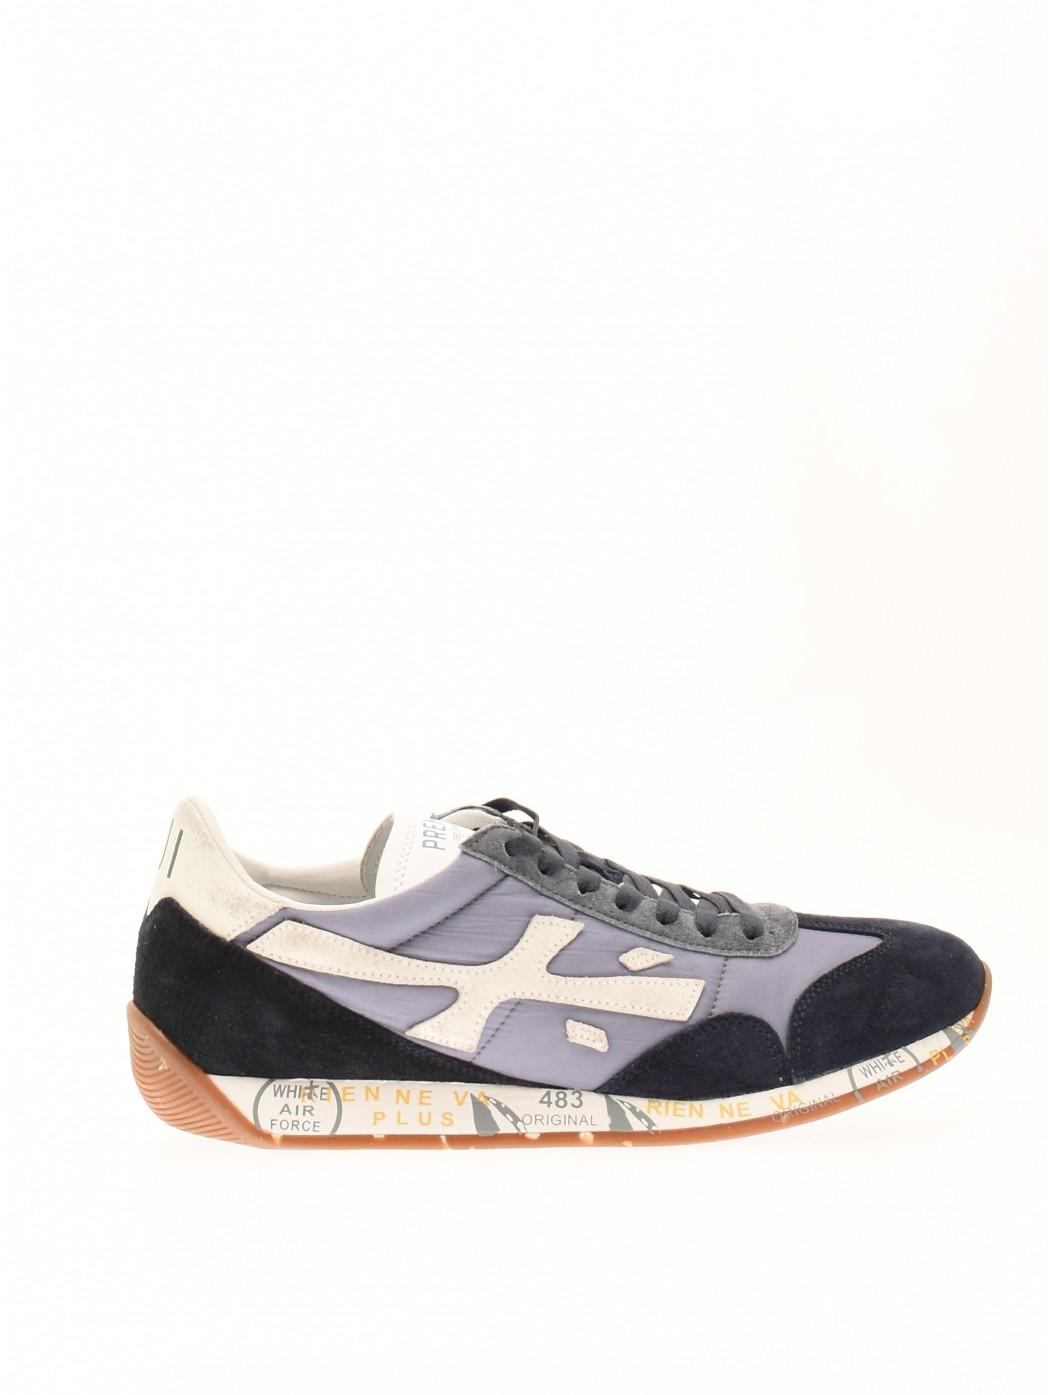 Sneakers Pelle PREMIATA JACKYX 5246